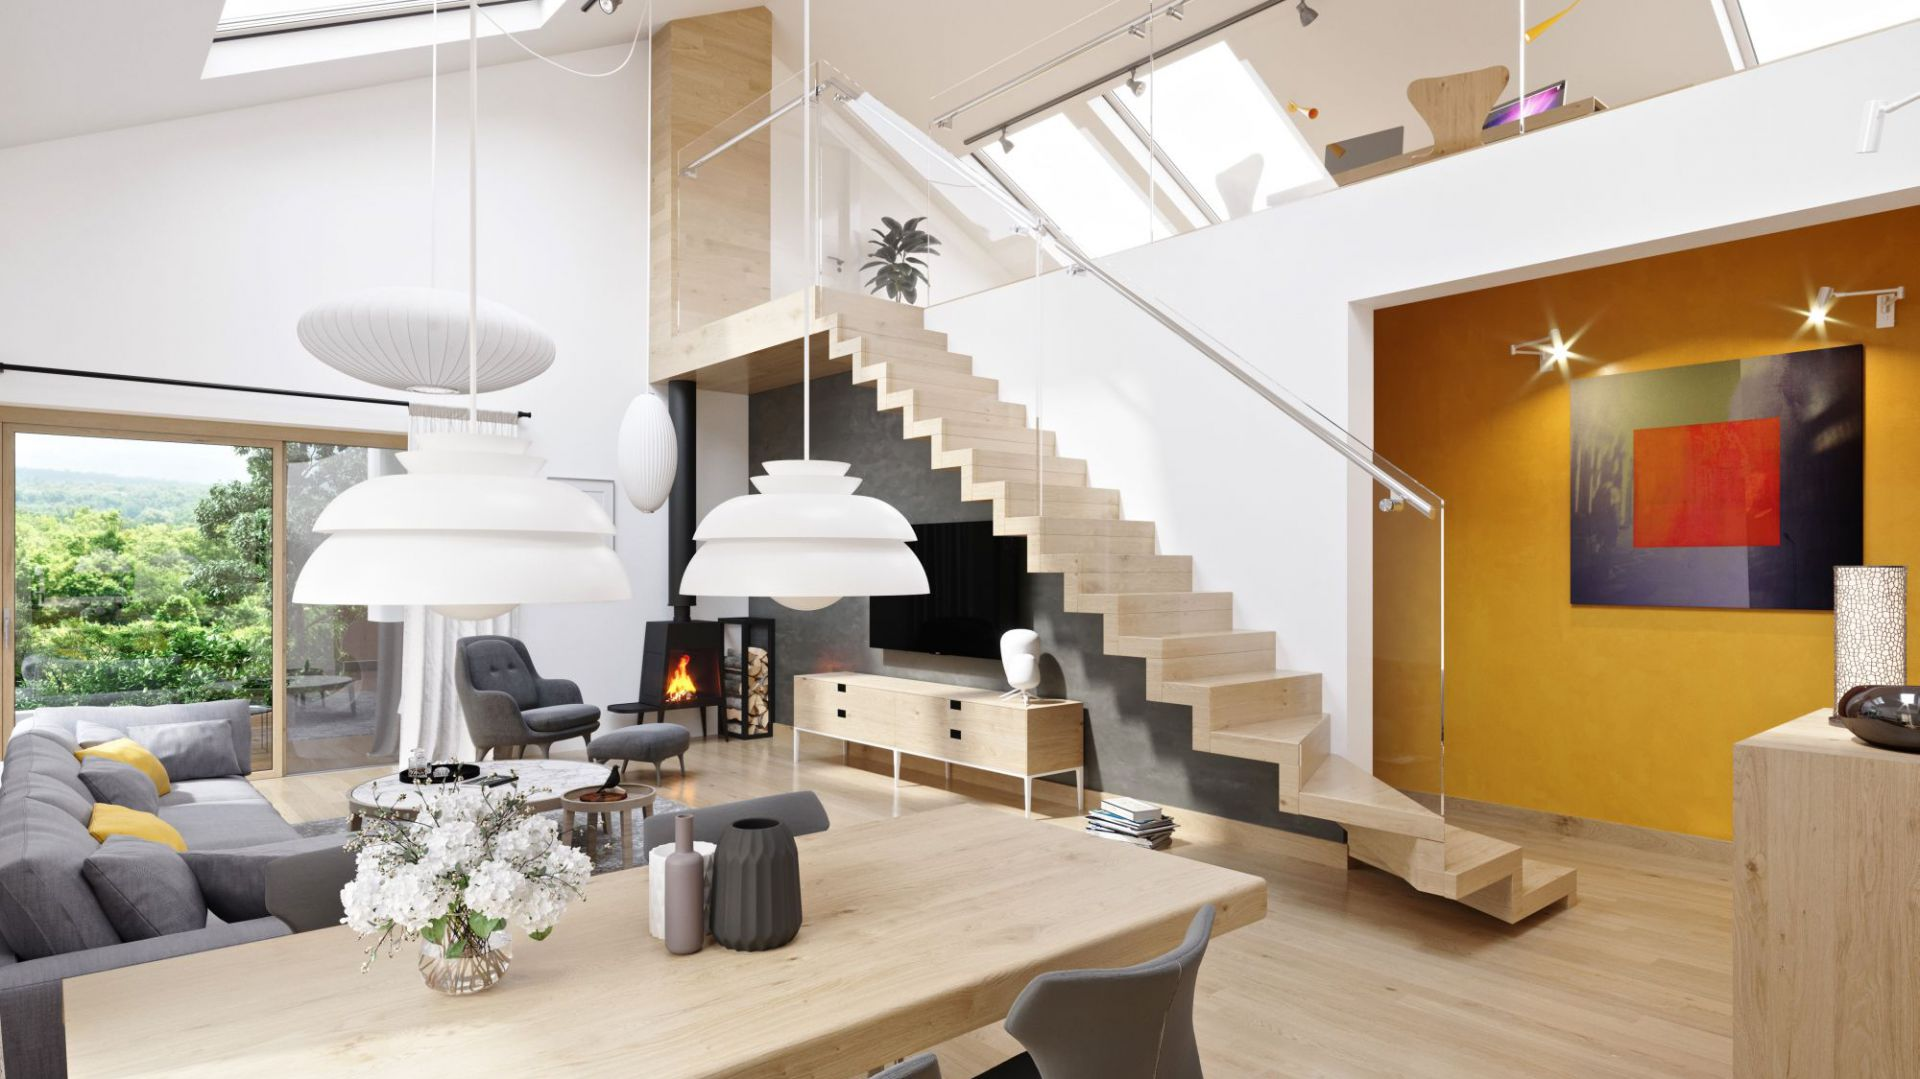 Przytulny dom z atrakcyjną antresolą. Zobacz projekt i wnętrza